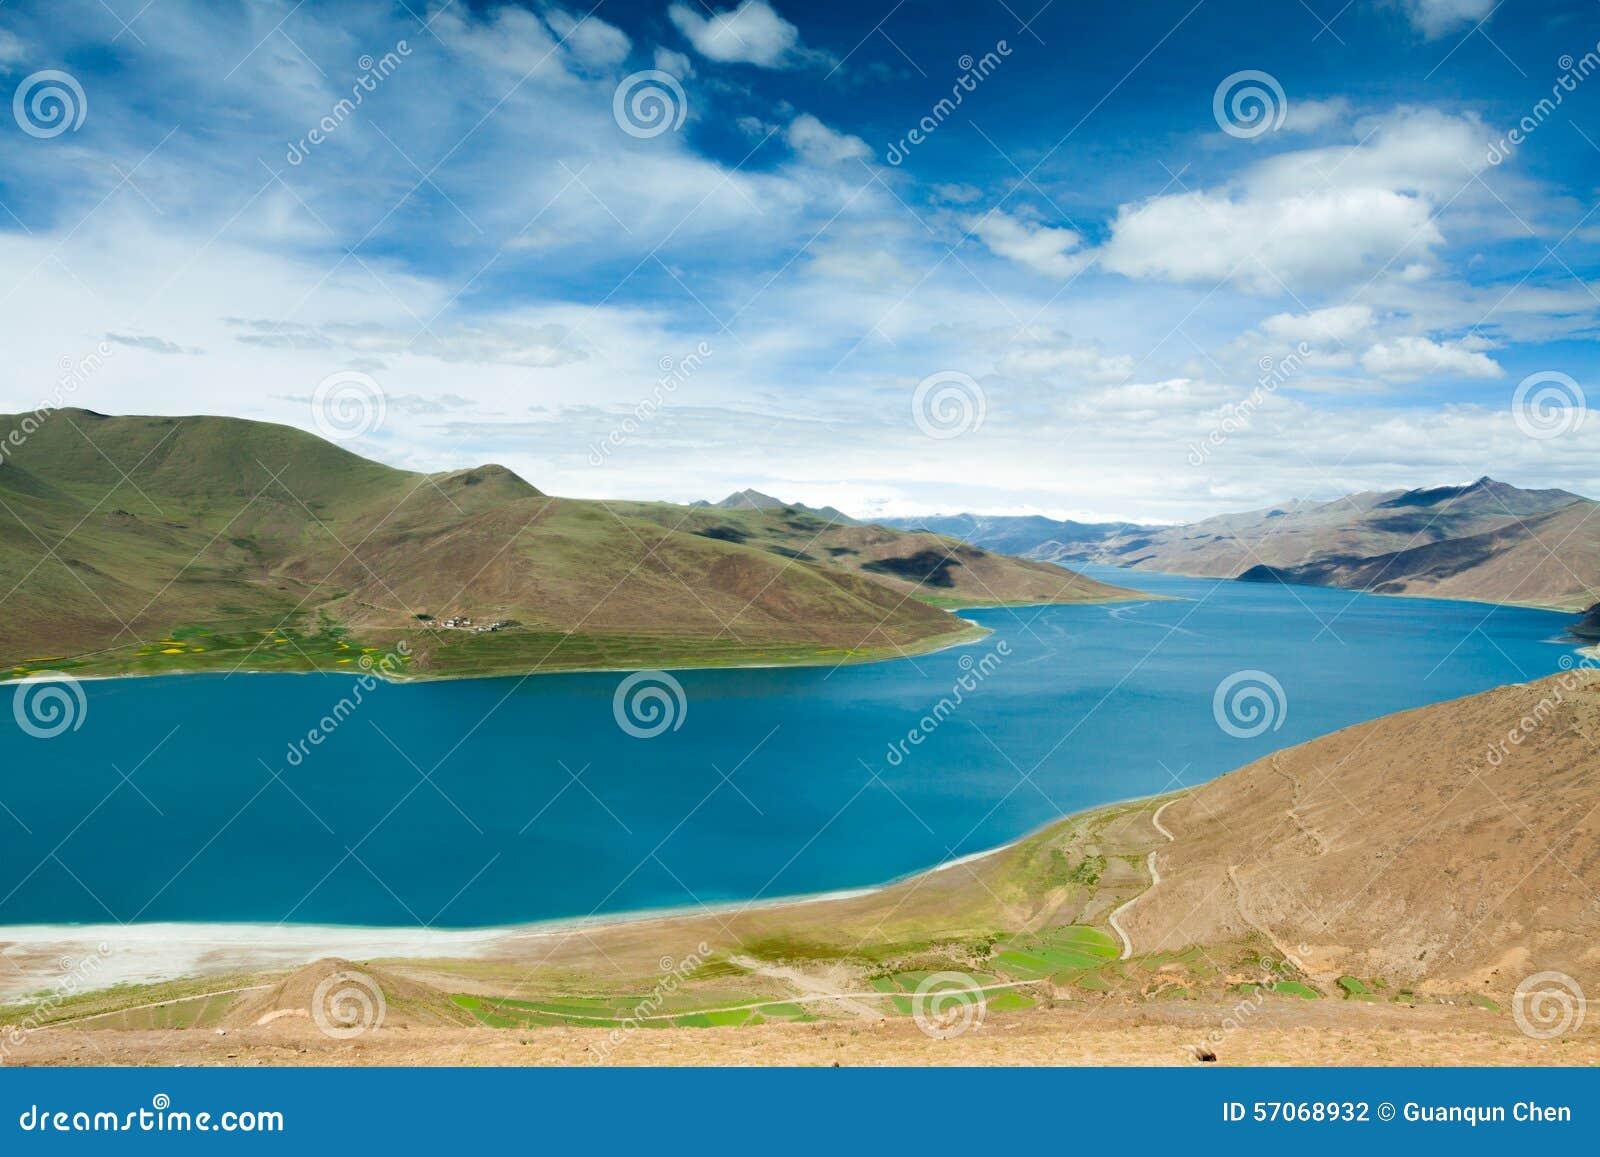 Meer binnen berg in Tibet